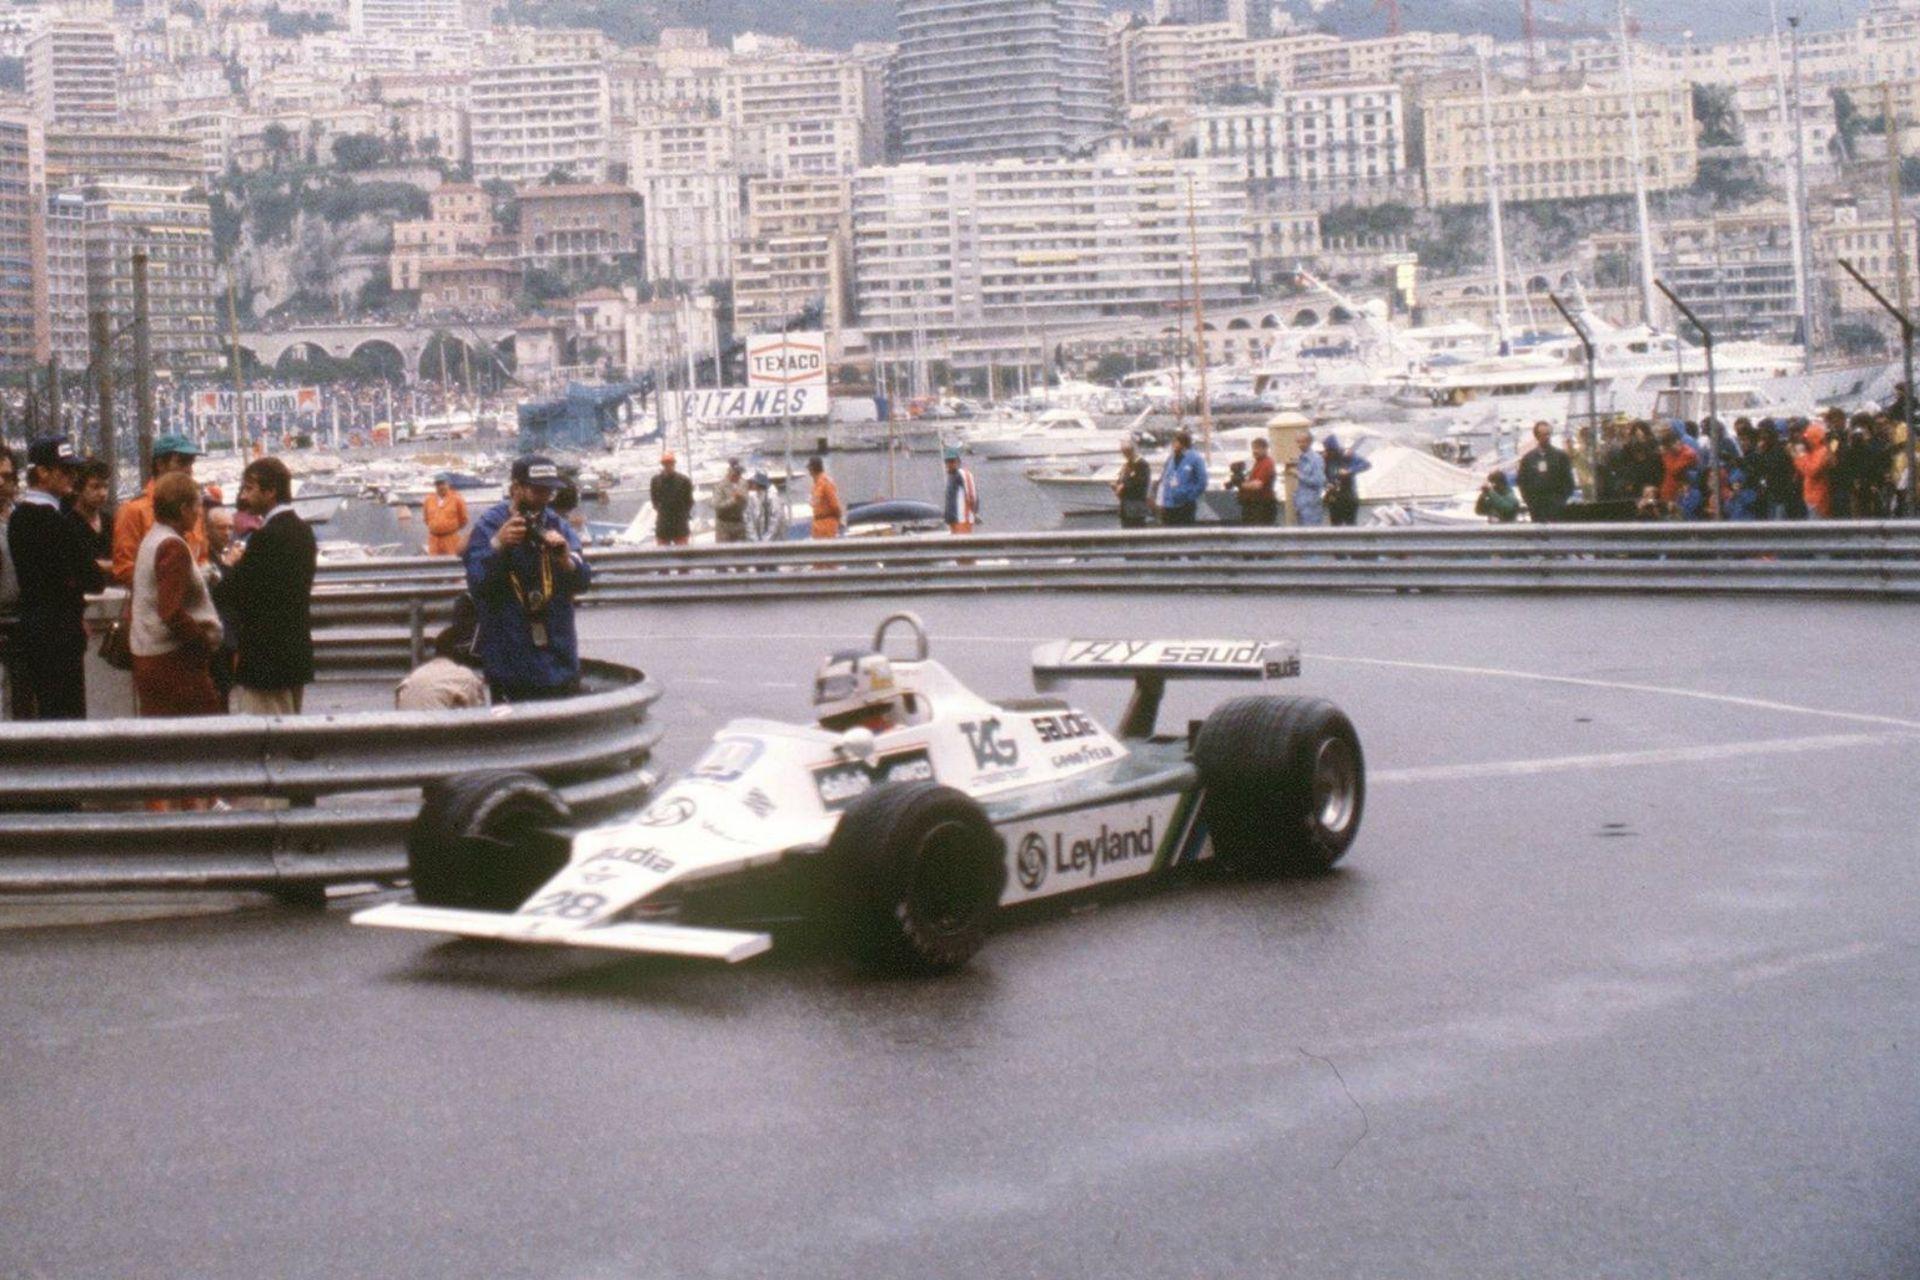 Carlos Reutemann, al mando del Williams, en el trazado callejero de Mónaco; detrás, los yates escenifican el glamour del gran premio del principado